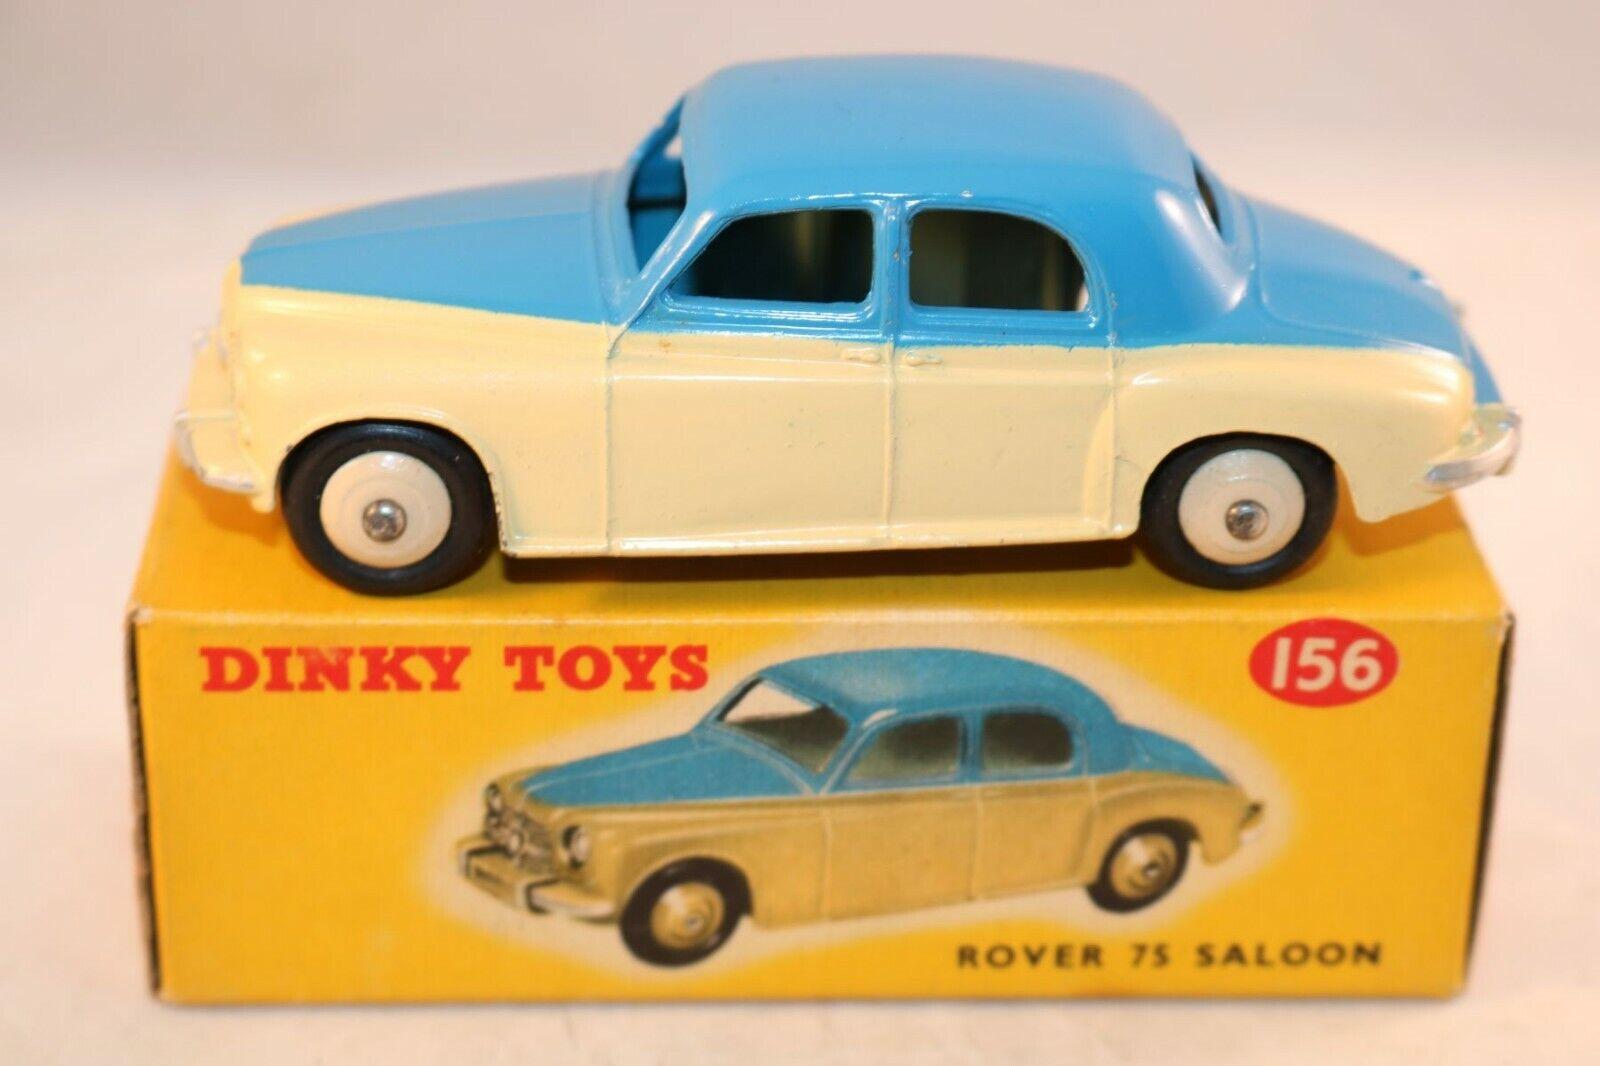 alto sconto Dinky giocattoli 156 Rover Rover Rover 75 saloon 2 tone blu e cream very near mint in scatola RARE  moda classica